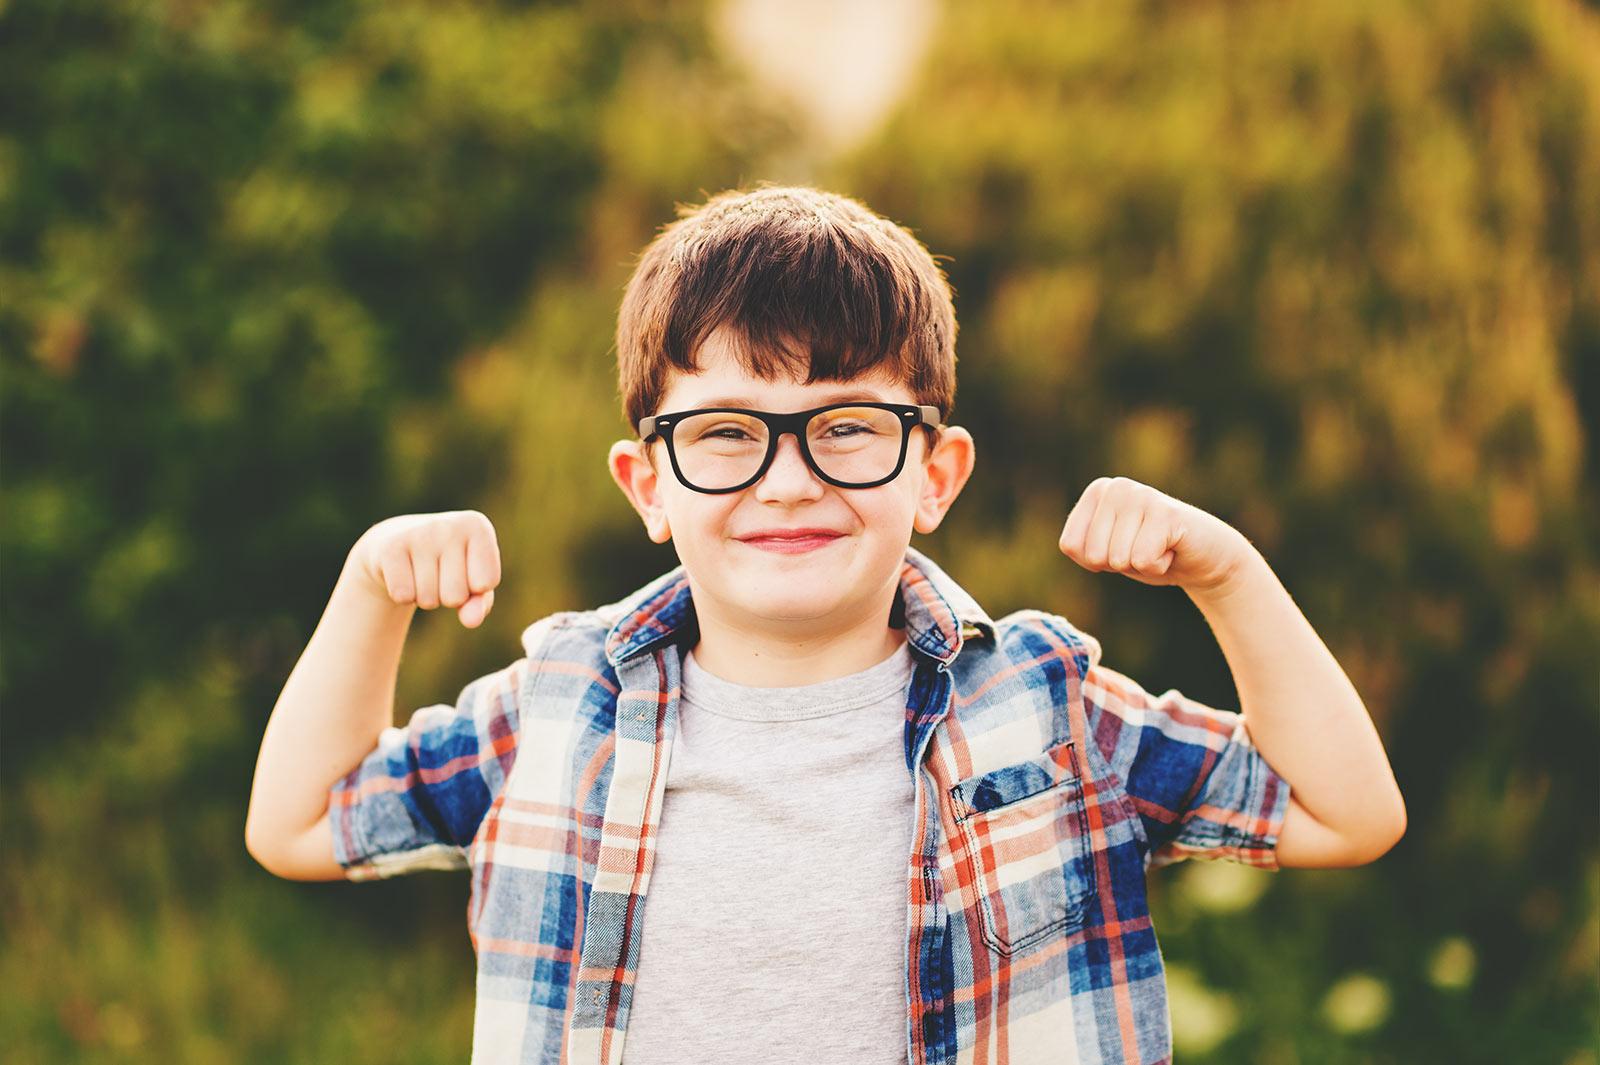 littleboy-flexing